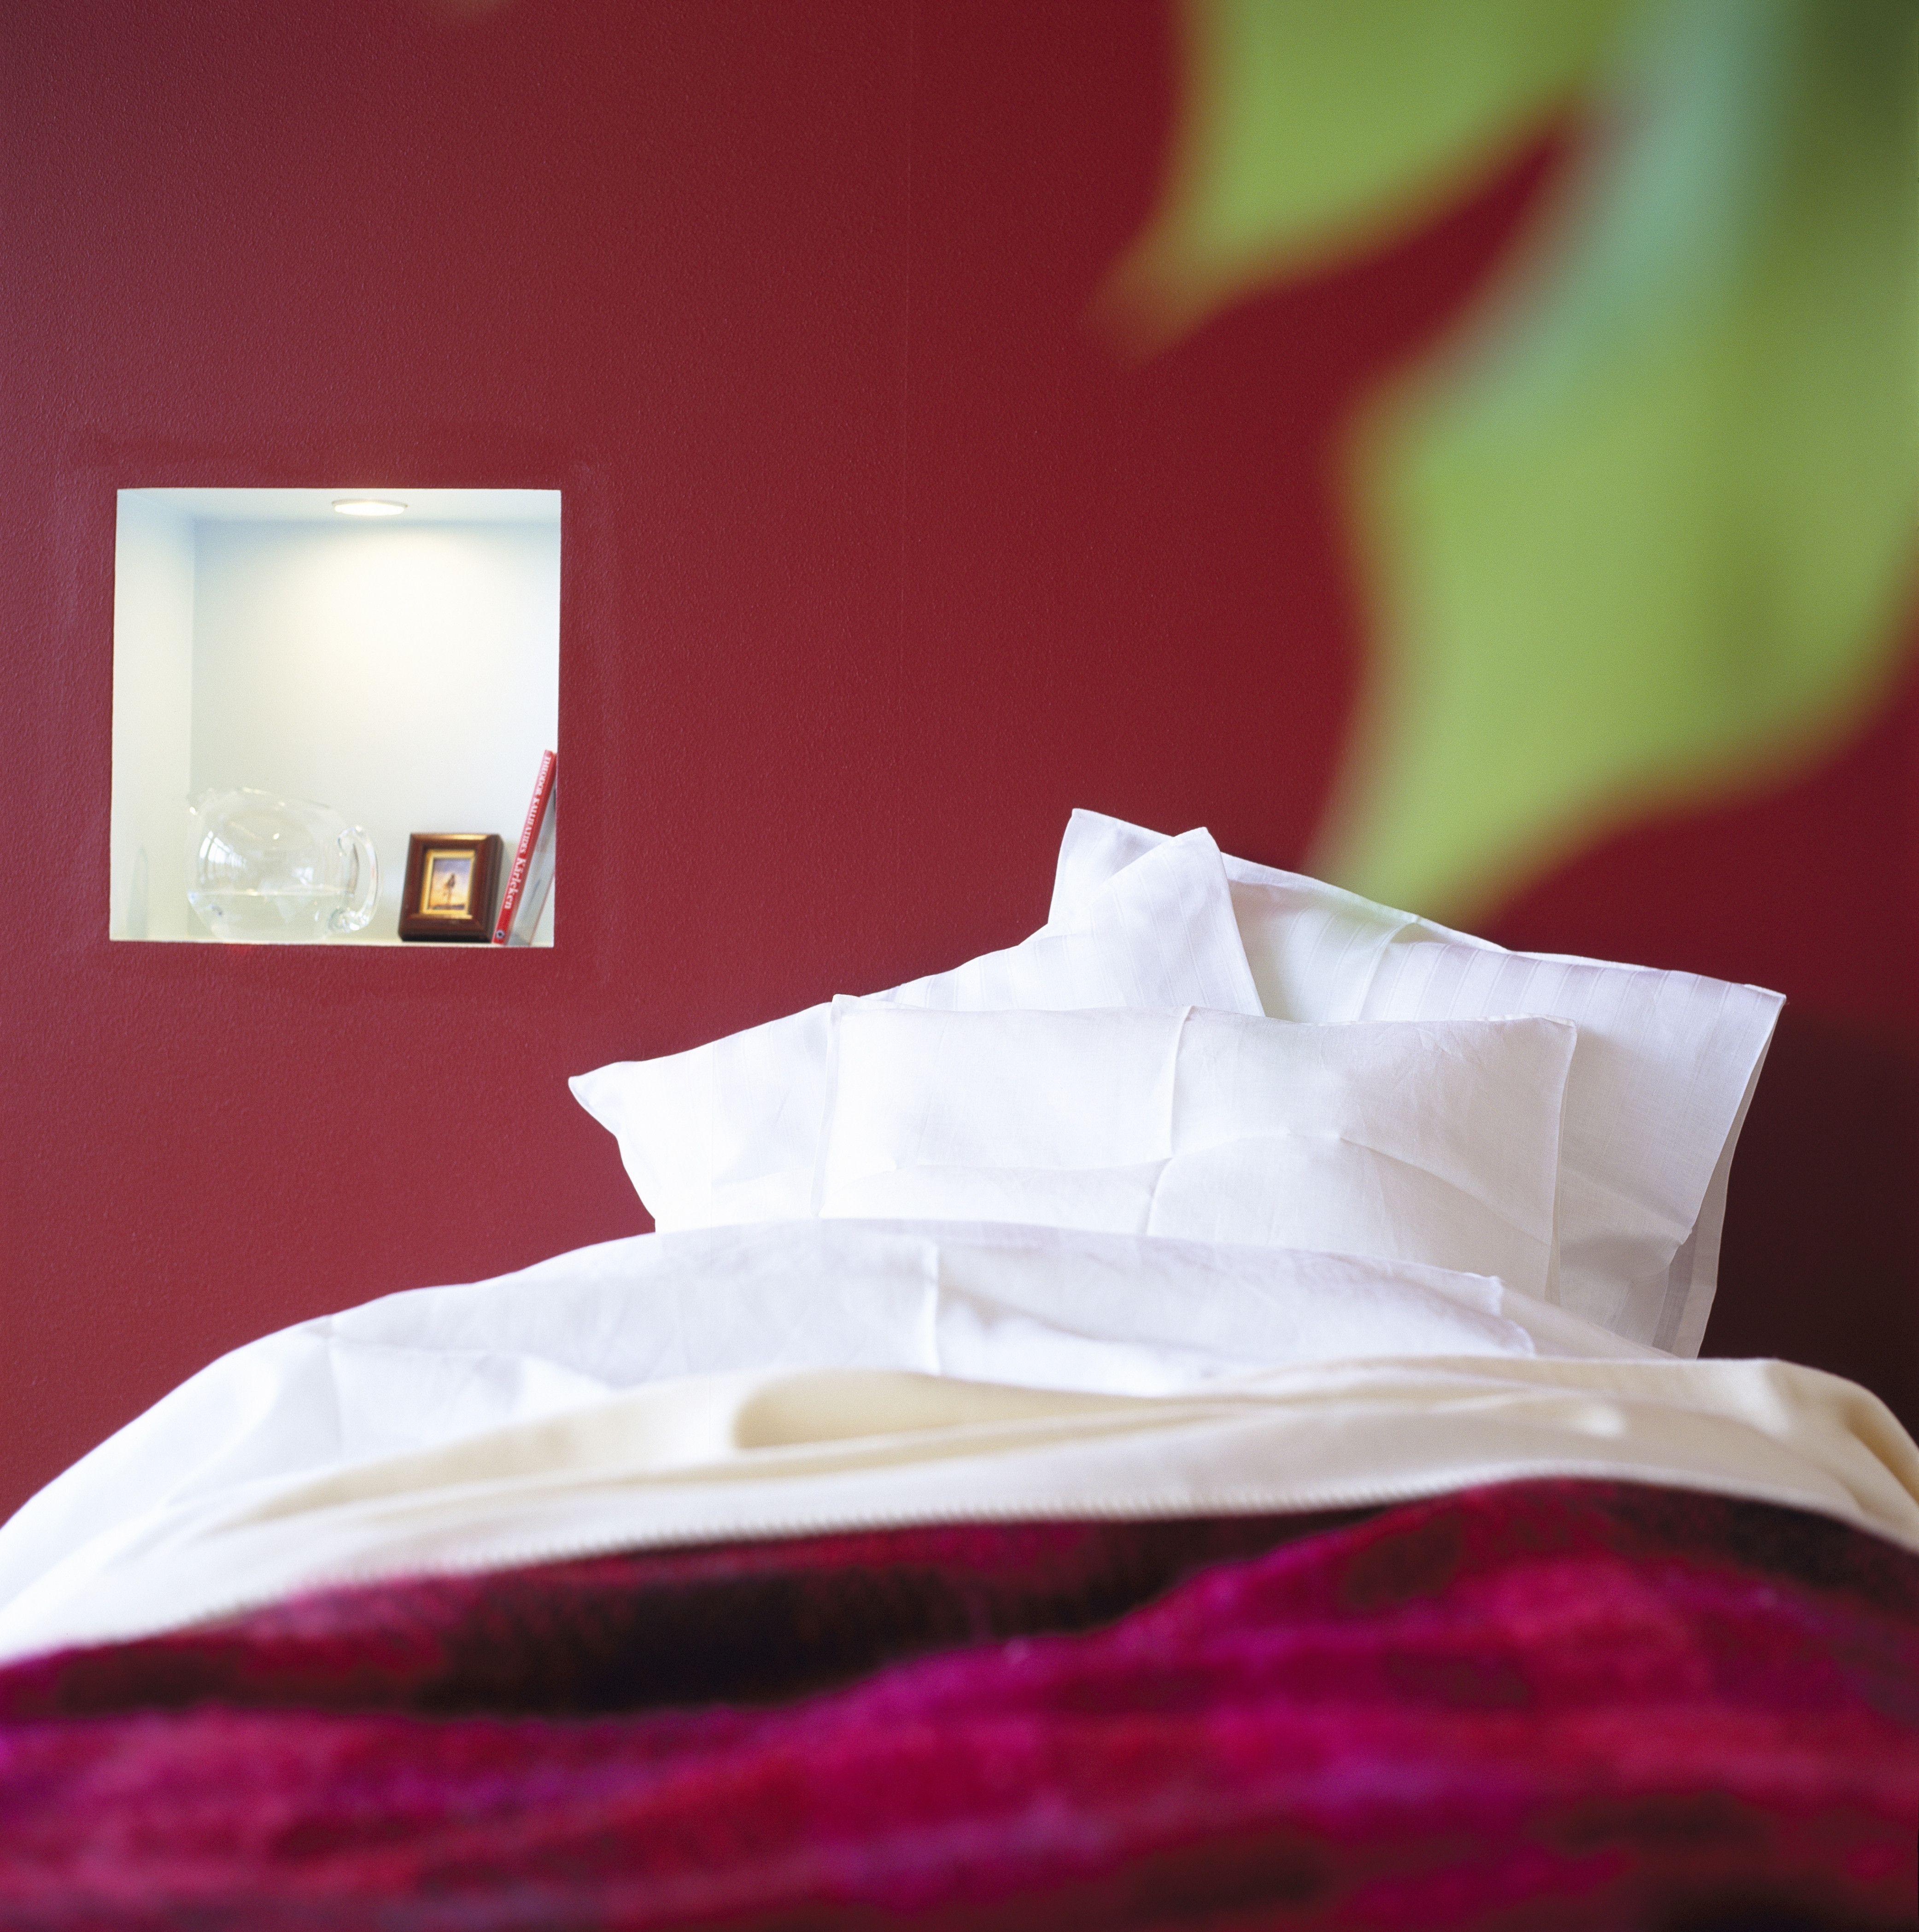 Schlafzimmer Mangel Designs, Fotos Zimmer Malen Bild